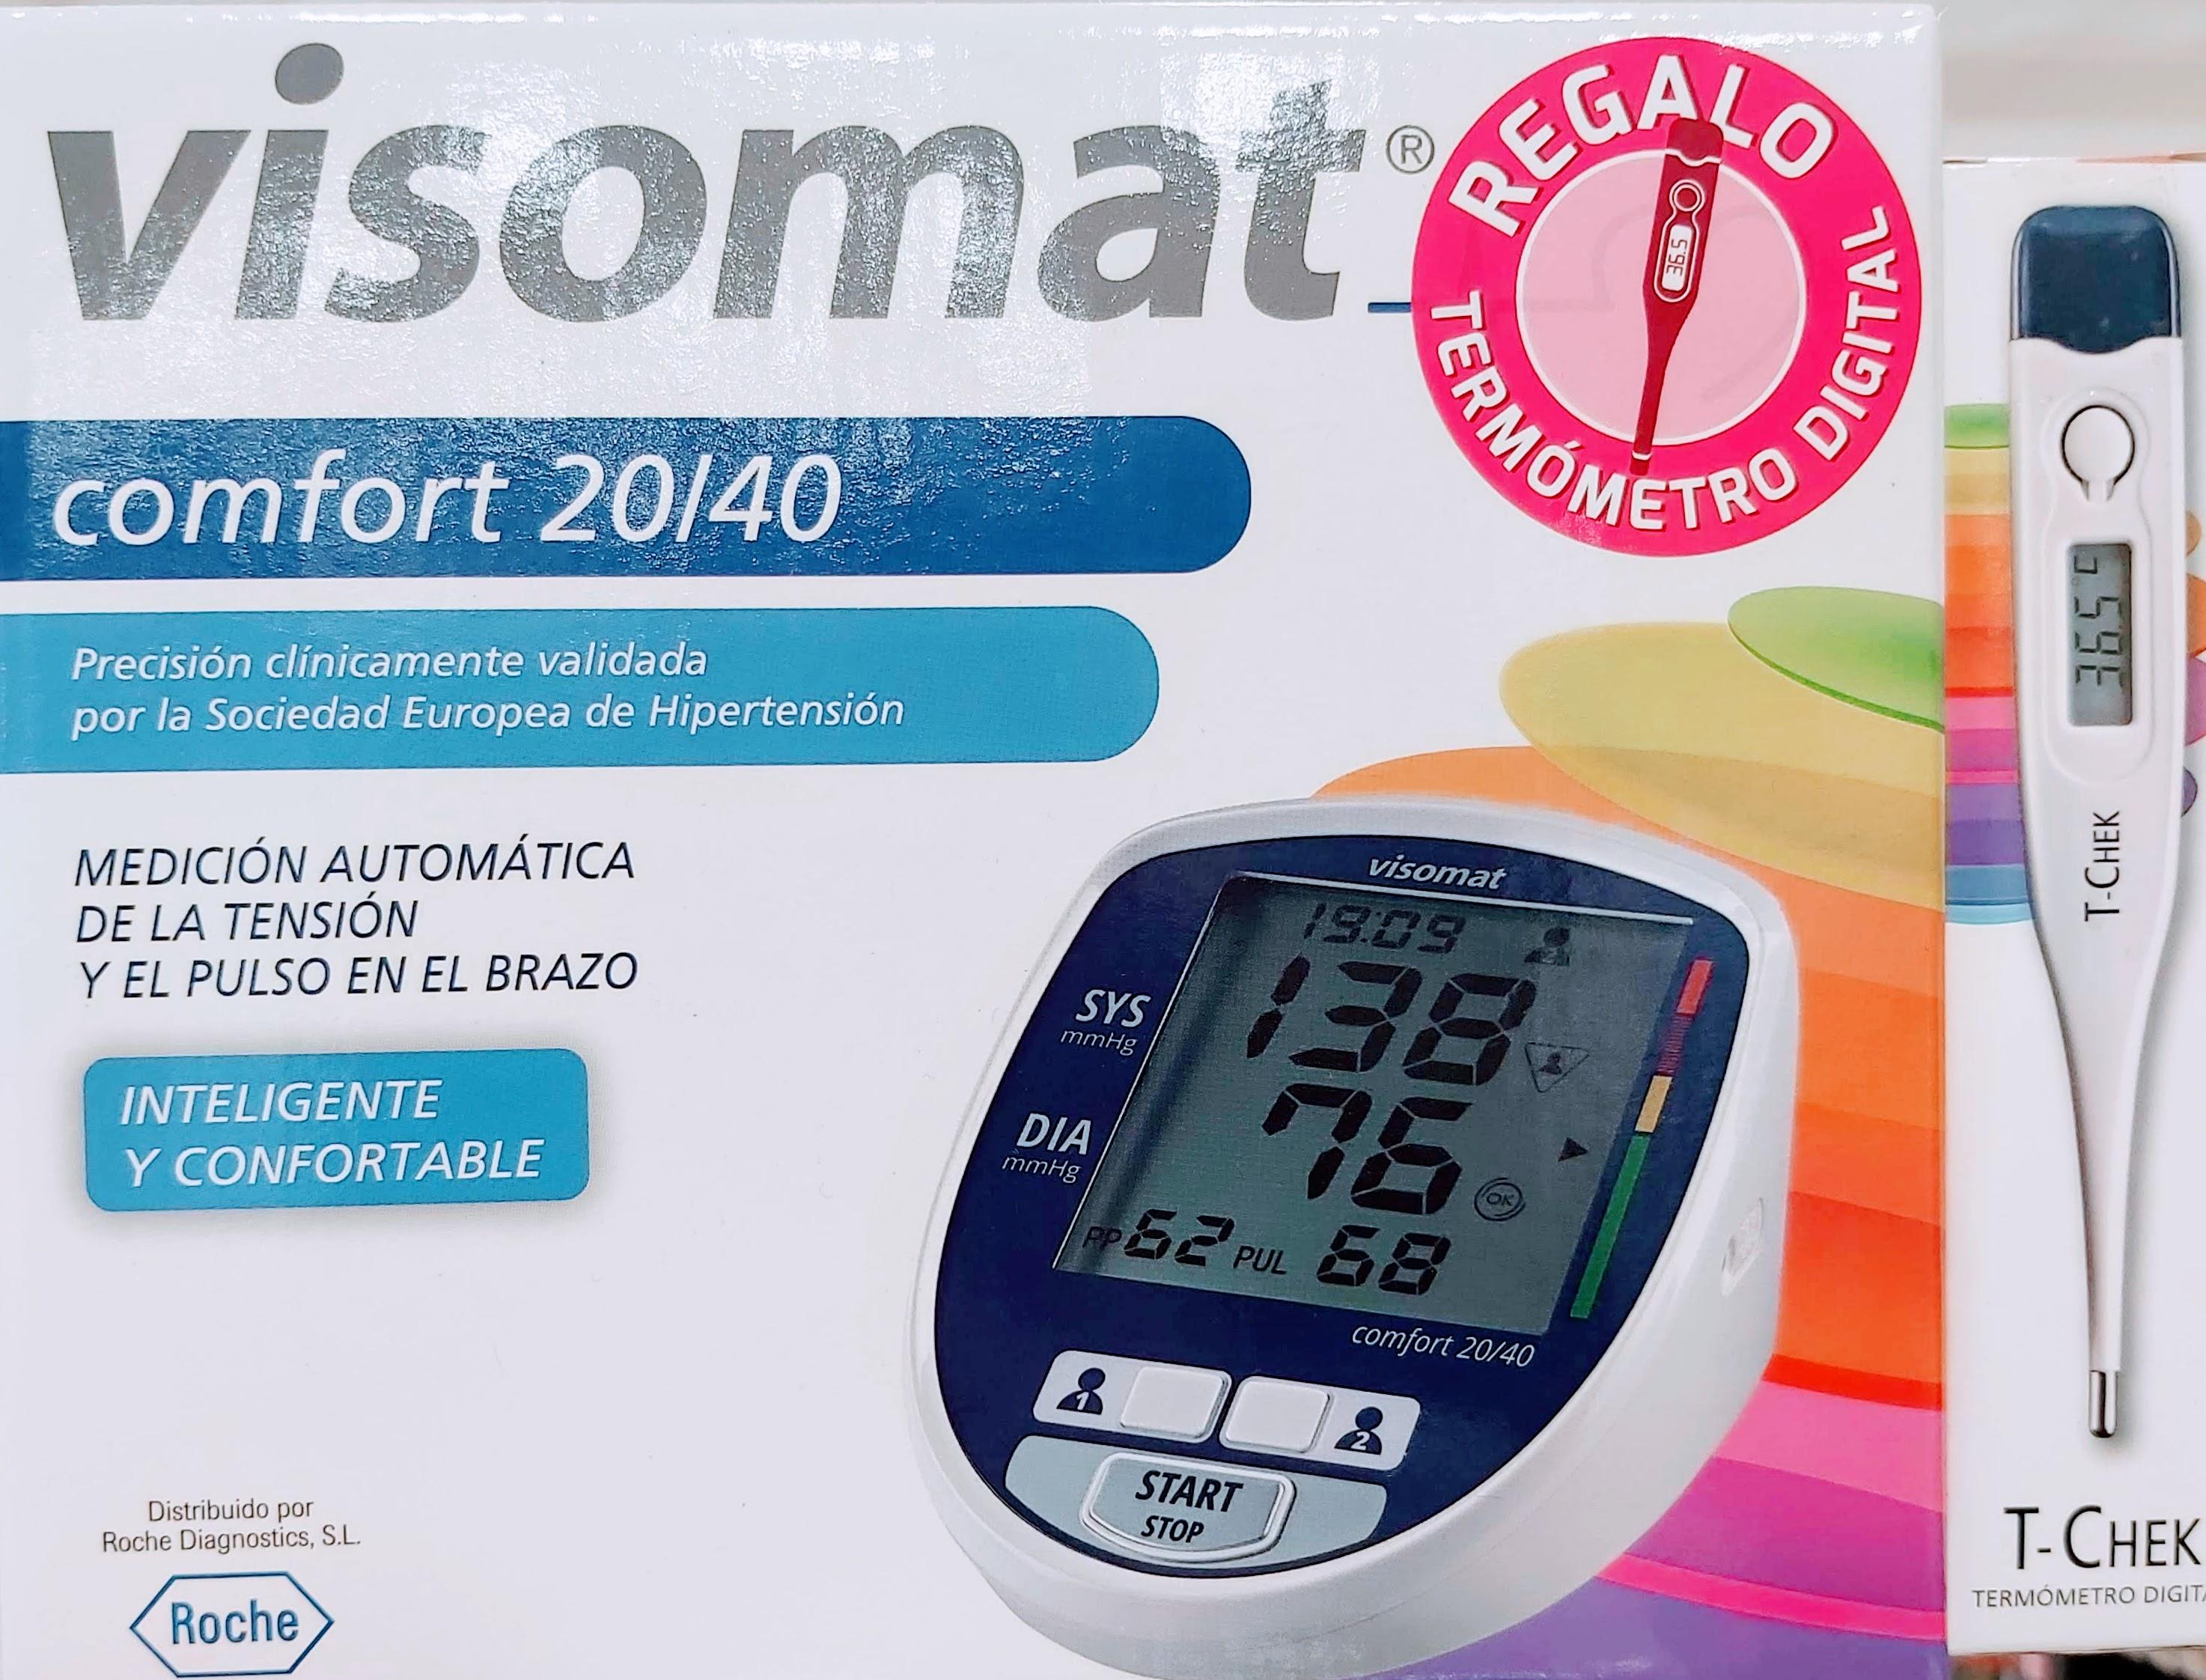 ¿Dónde puedes comprar un aparato para medir la tensión de la marca Visomat de Roche? en Gran Farmacia Andorra Online